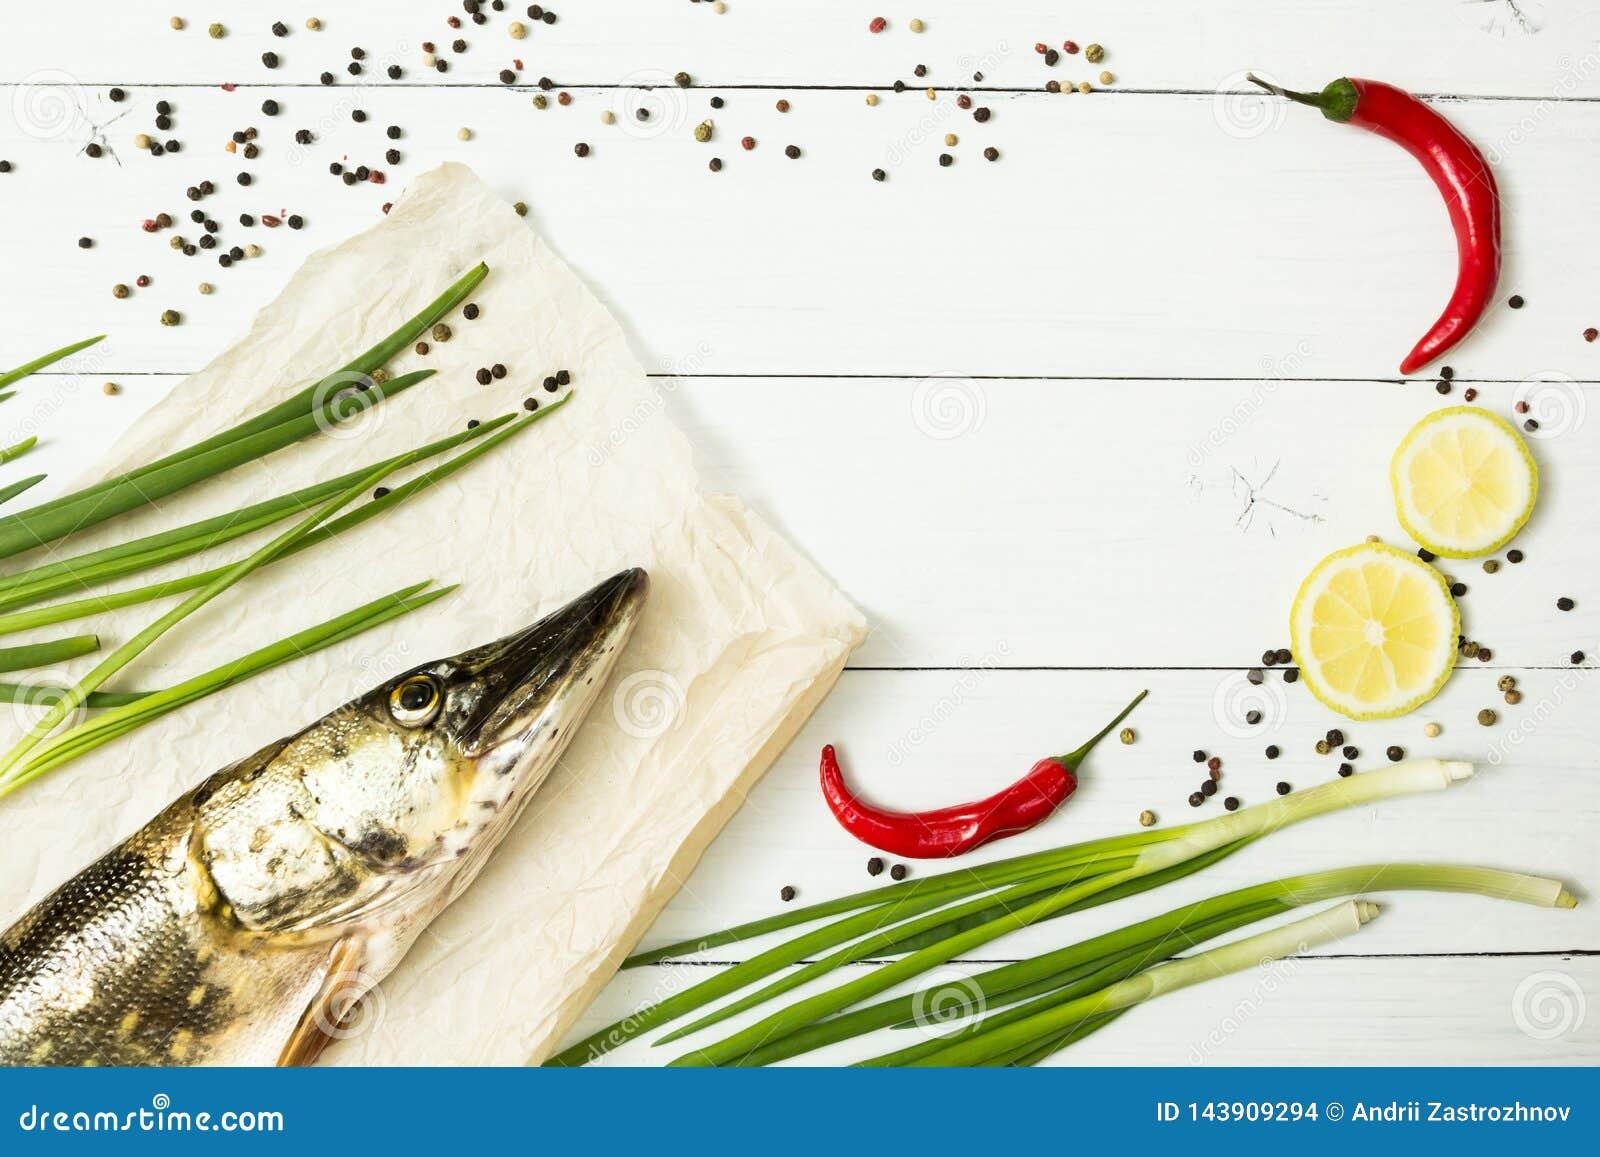 Luccio fresco con le spezie su una tavola di legno bianca Alimento dietetico, pesce del fiume